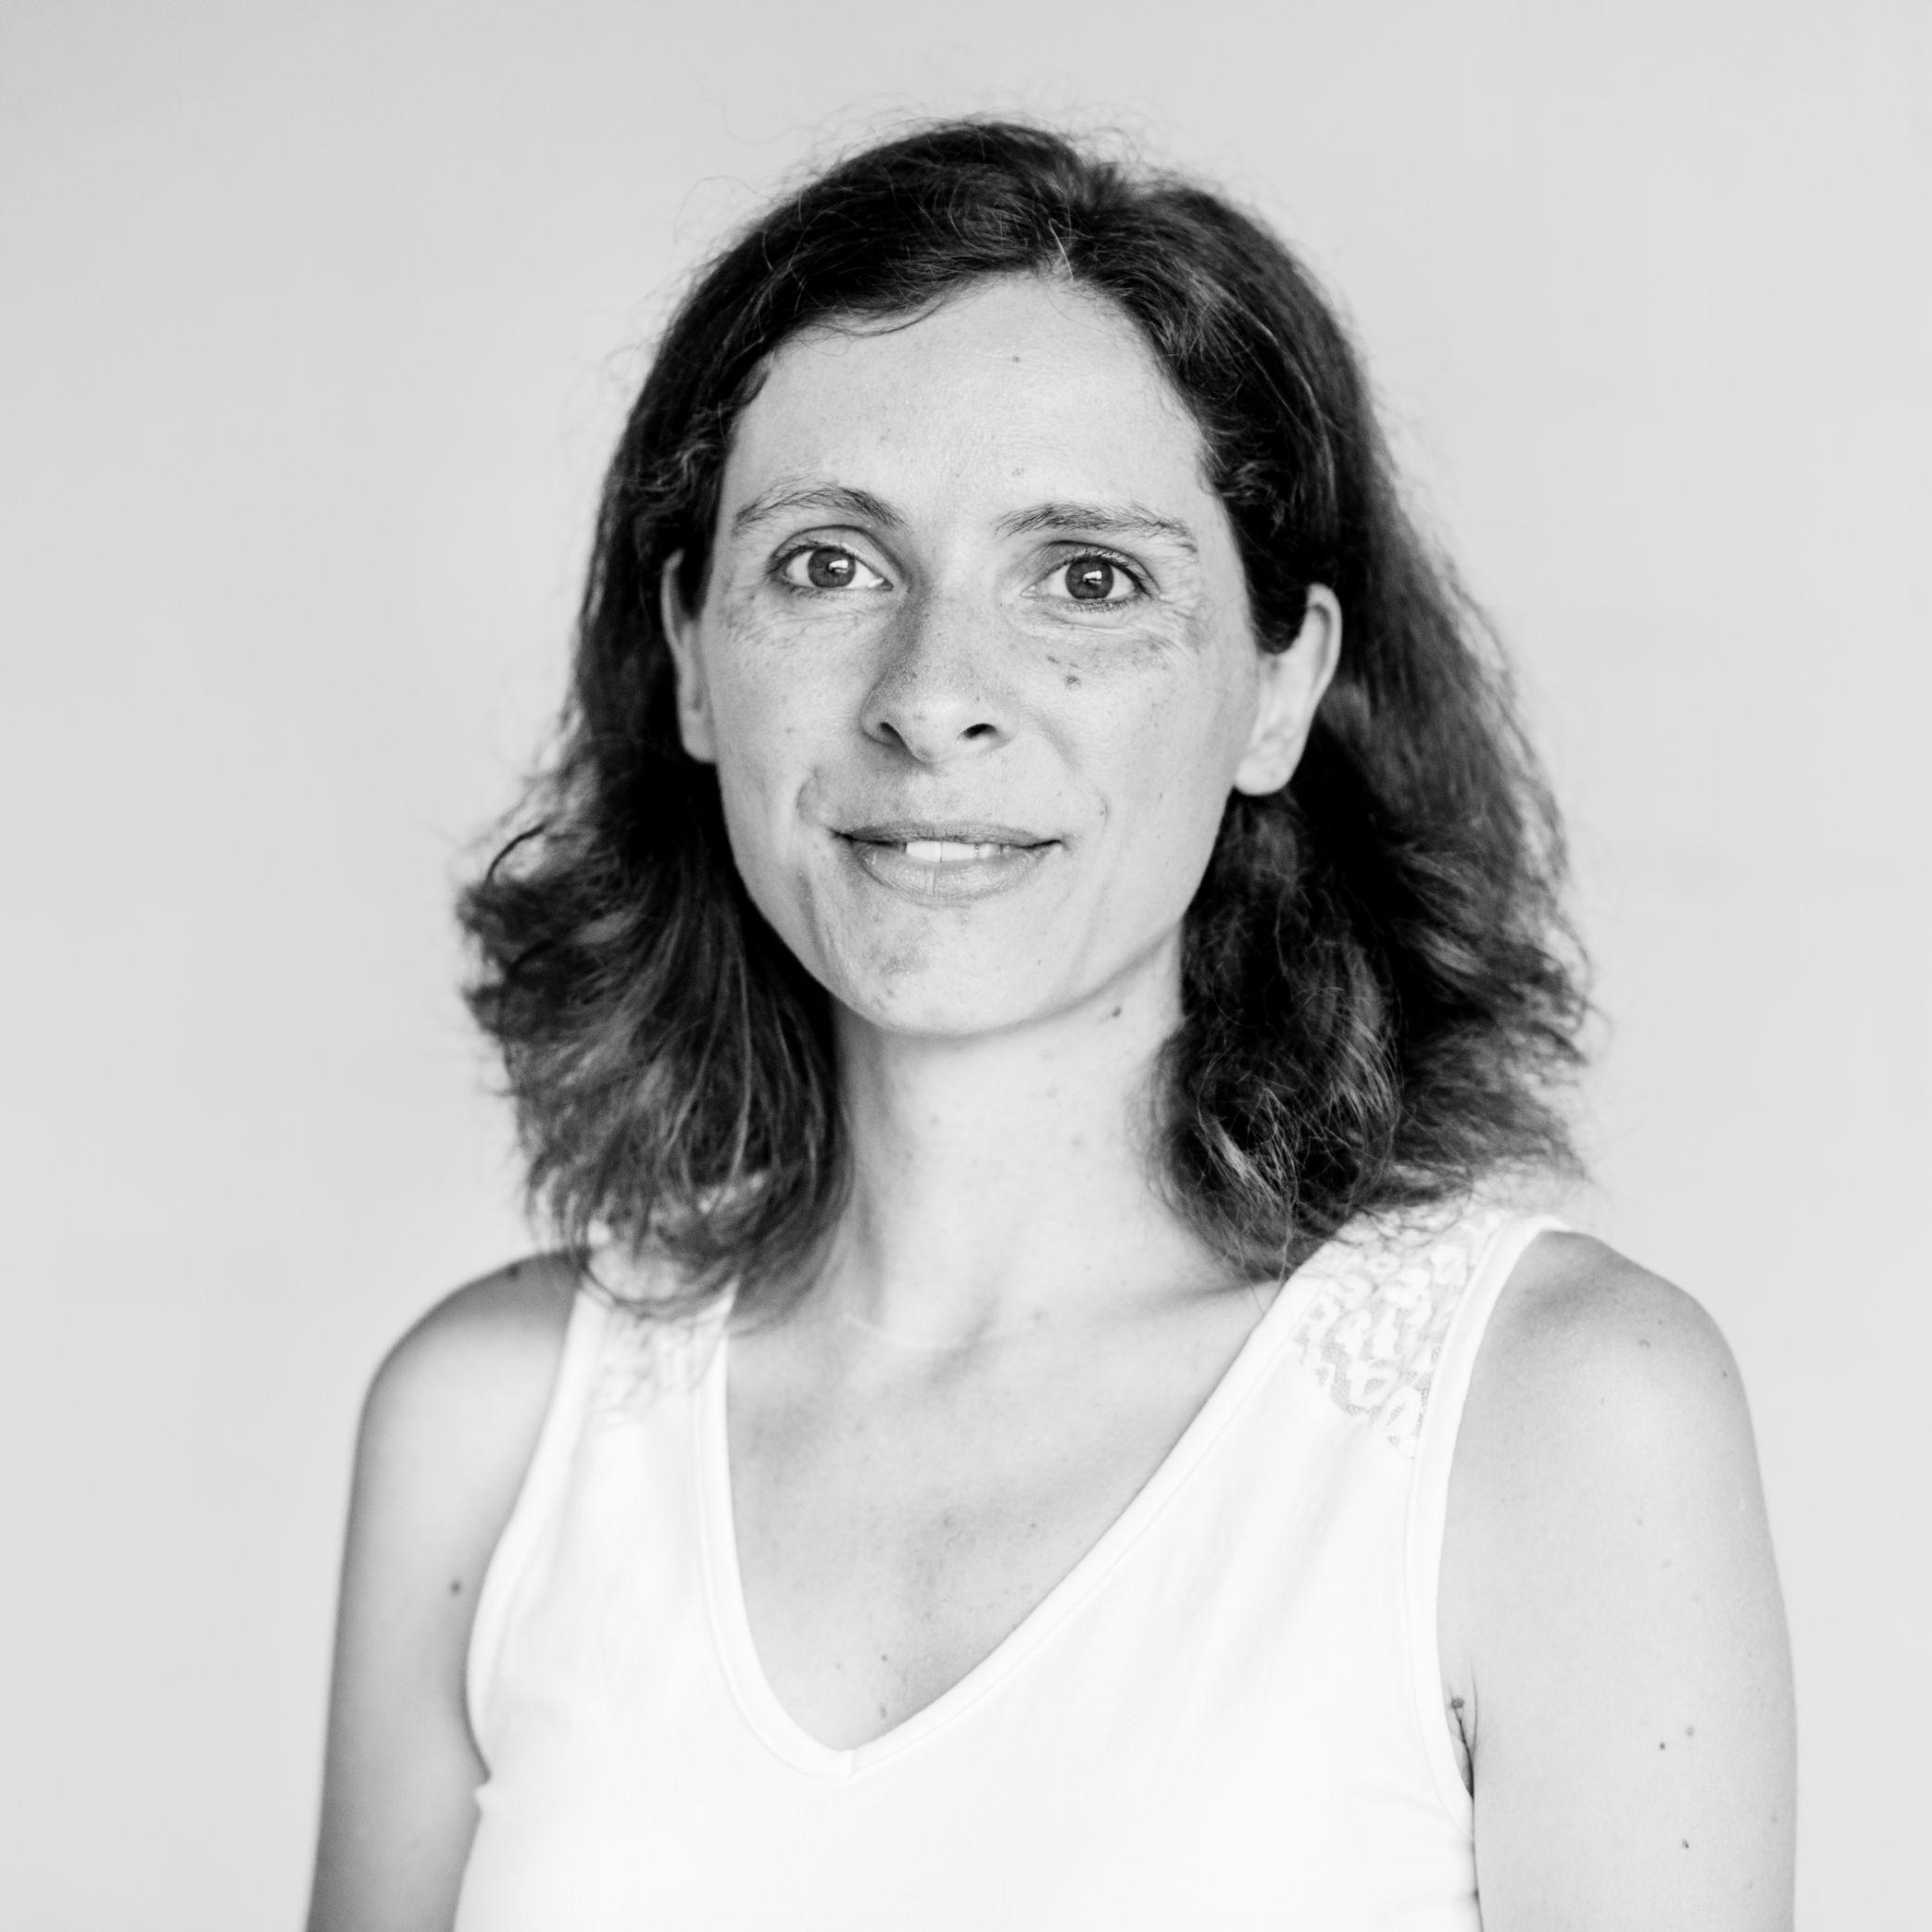 Sara Krols